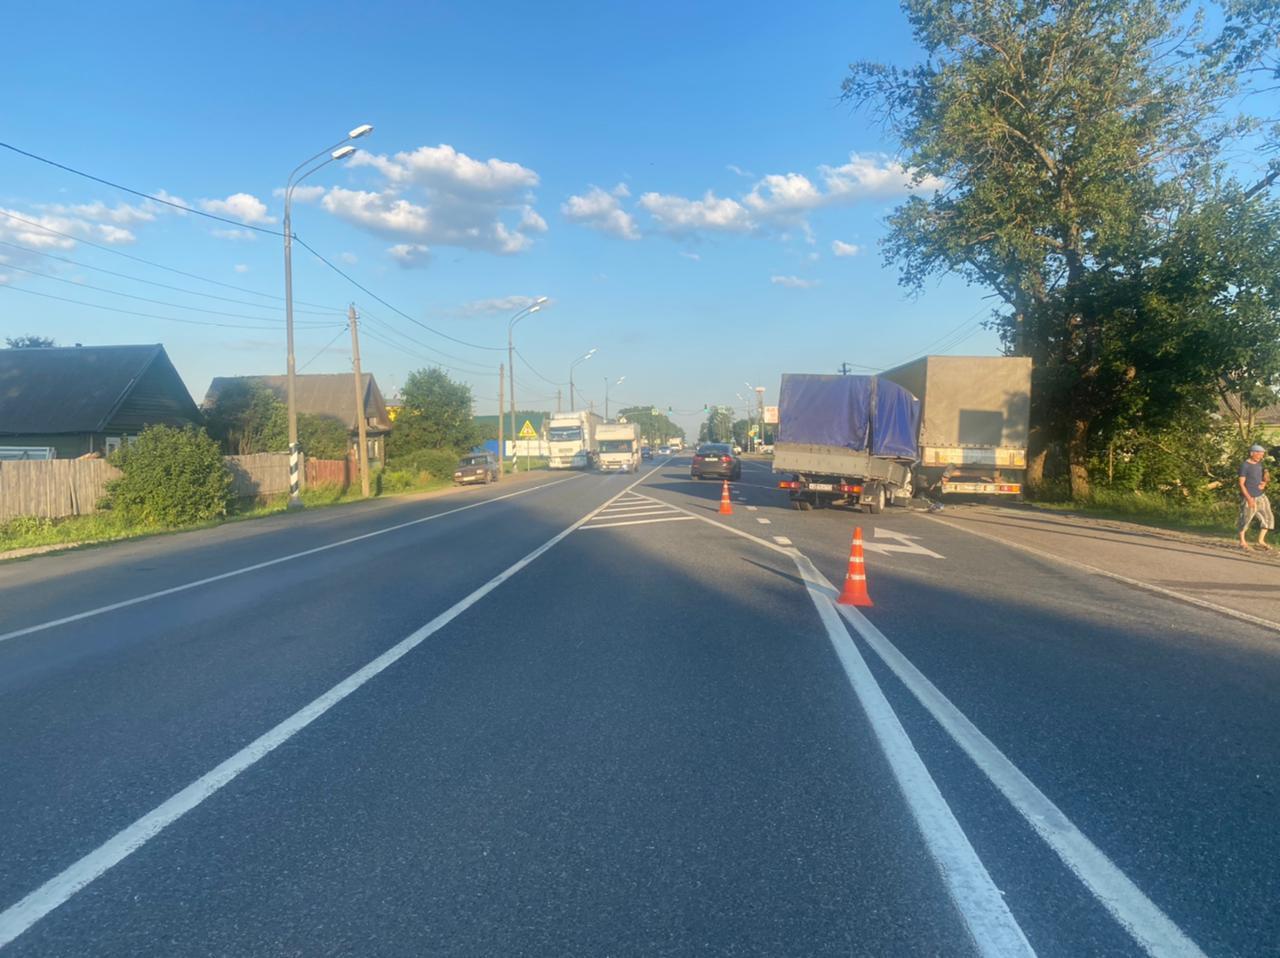 Водитель на скорости въехал в стоящую фуру в Тверской области